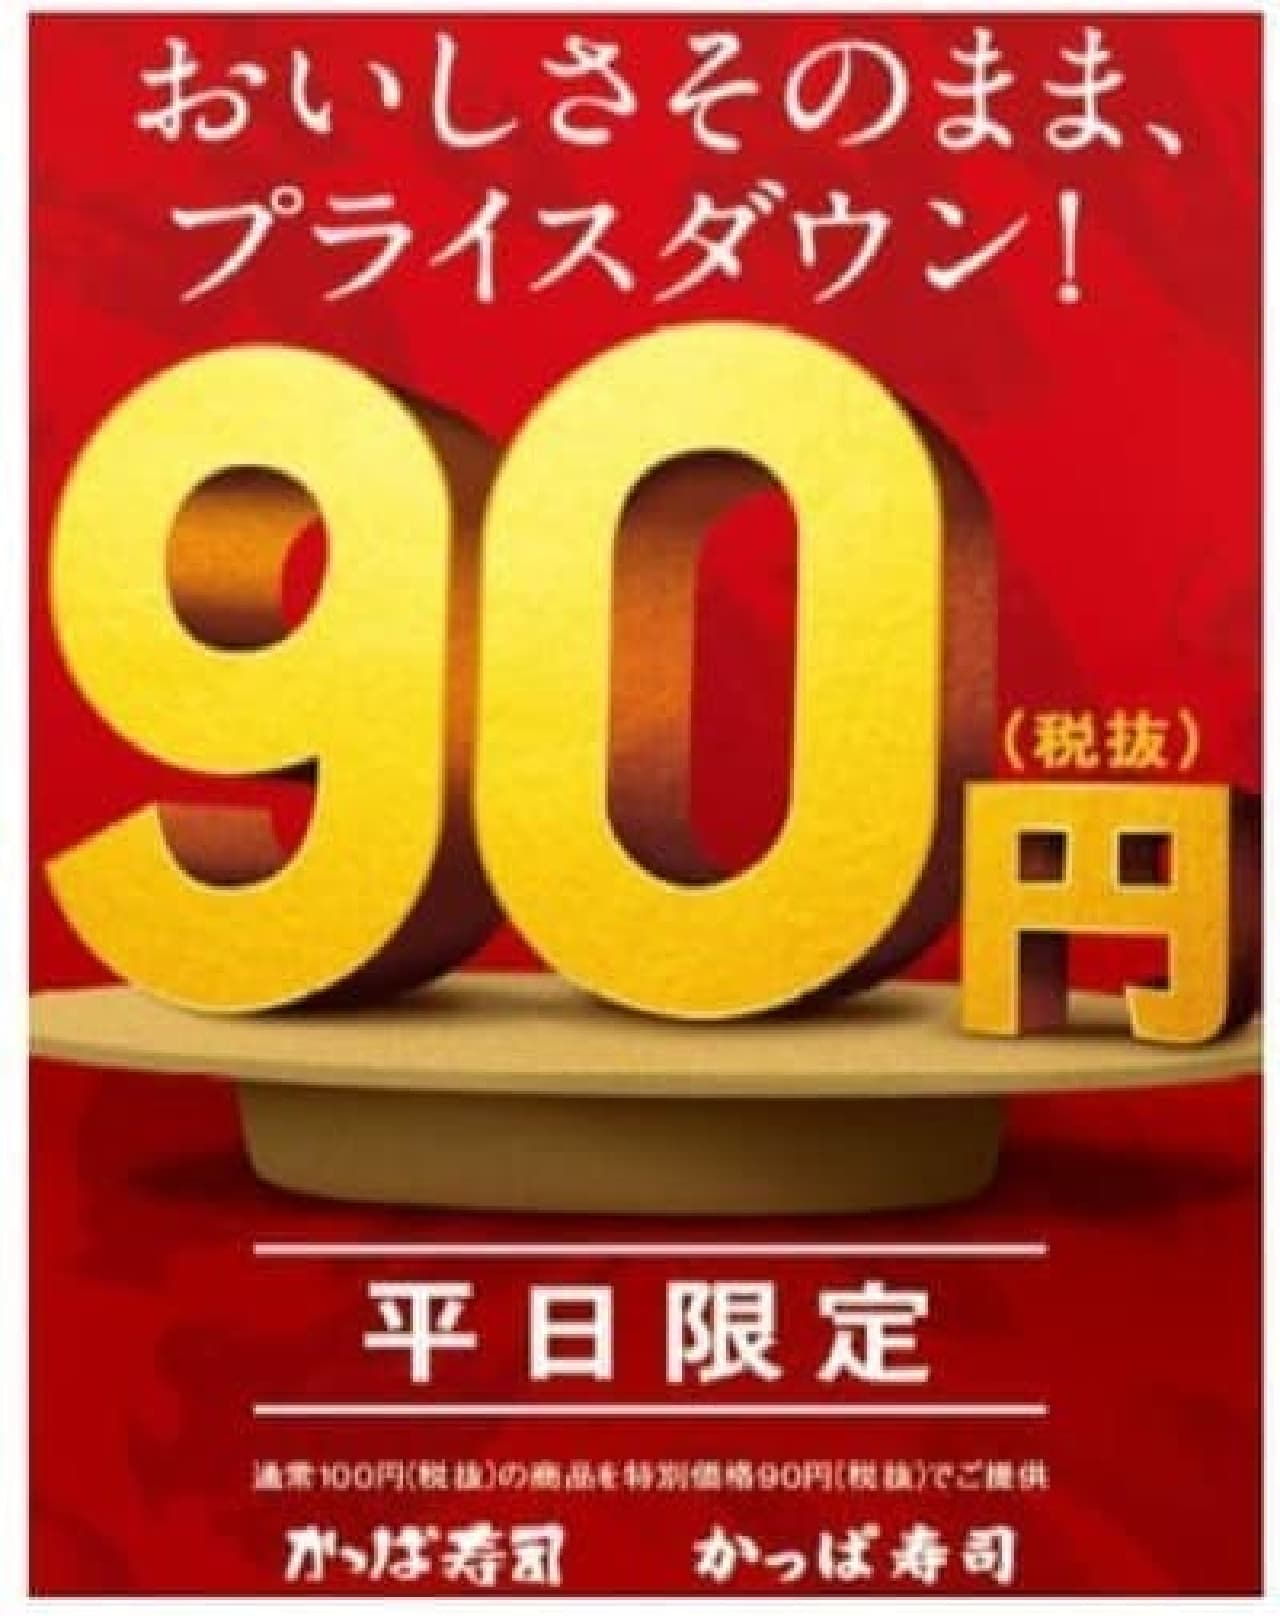 かっぱ寿司「平日一皿90円キャンペーン」